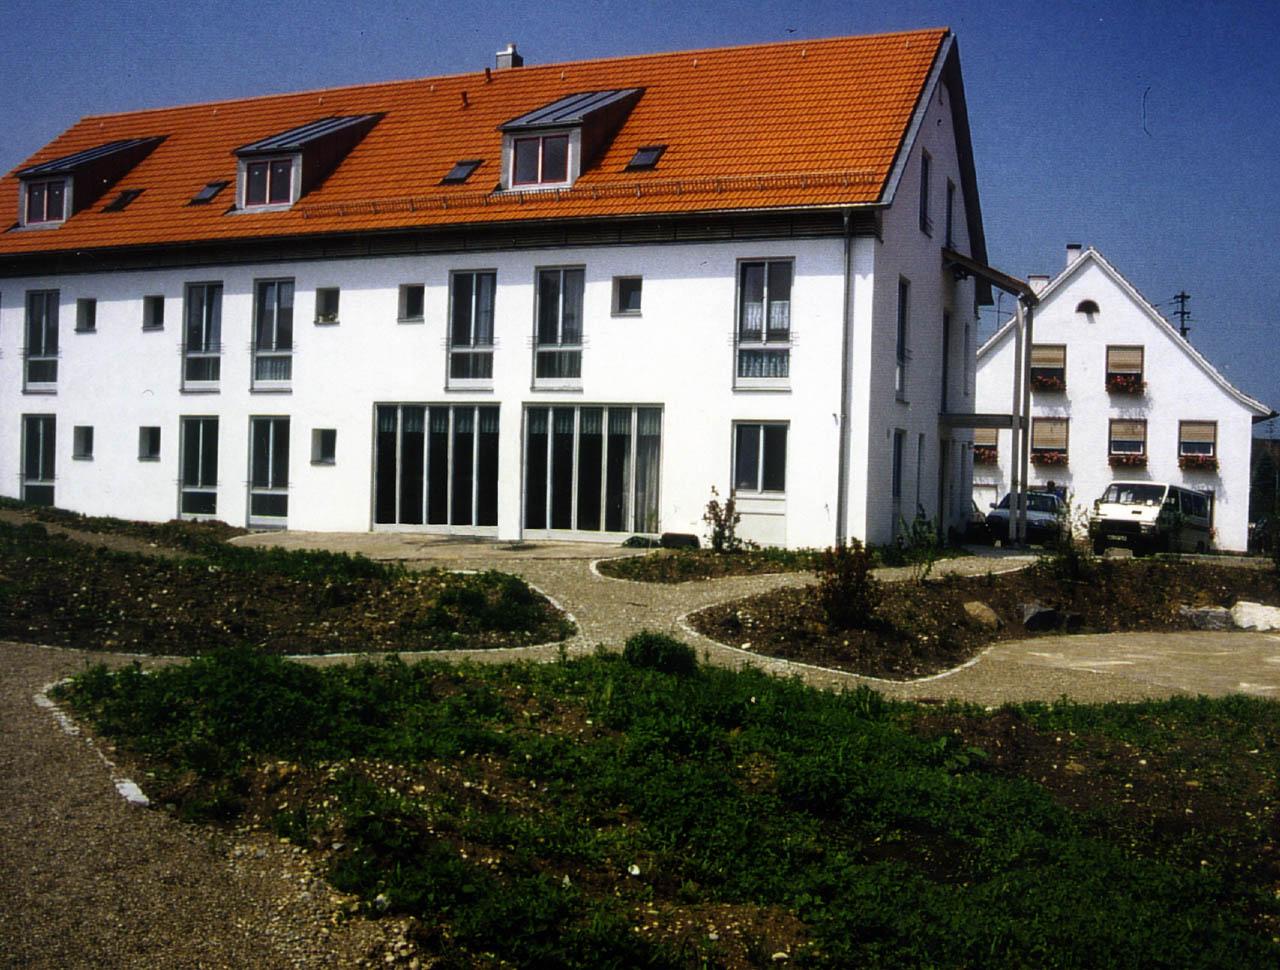 Wohnheim für Behinderte, Lautrach